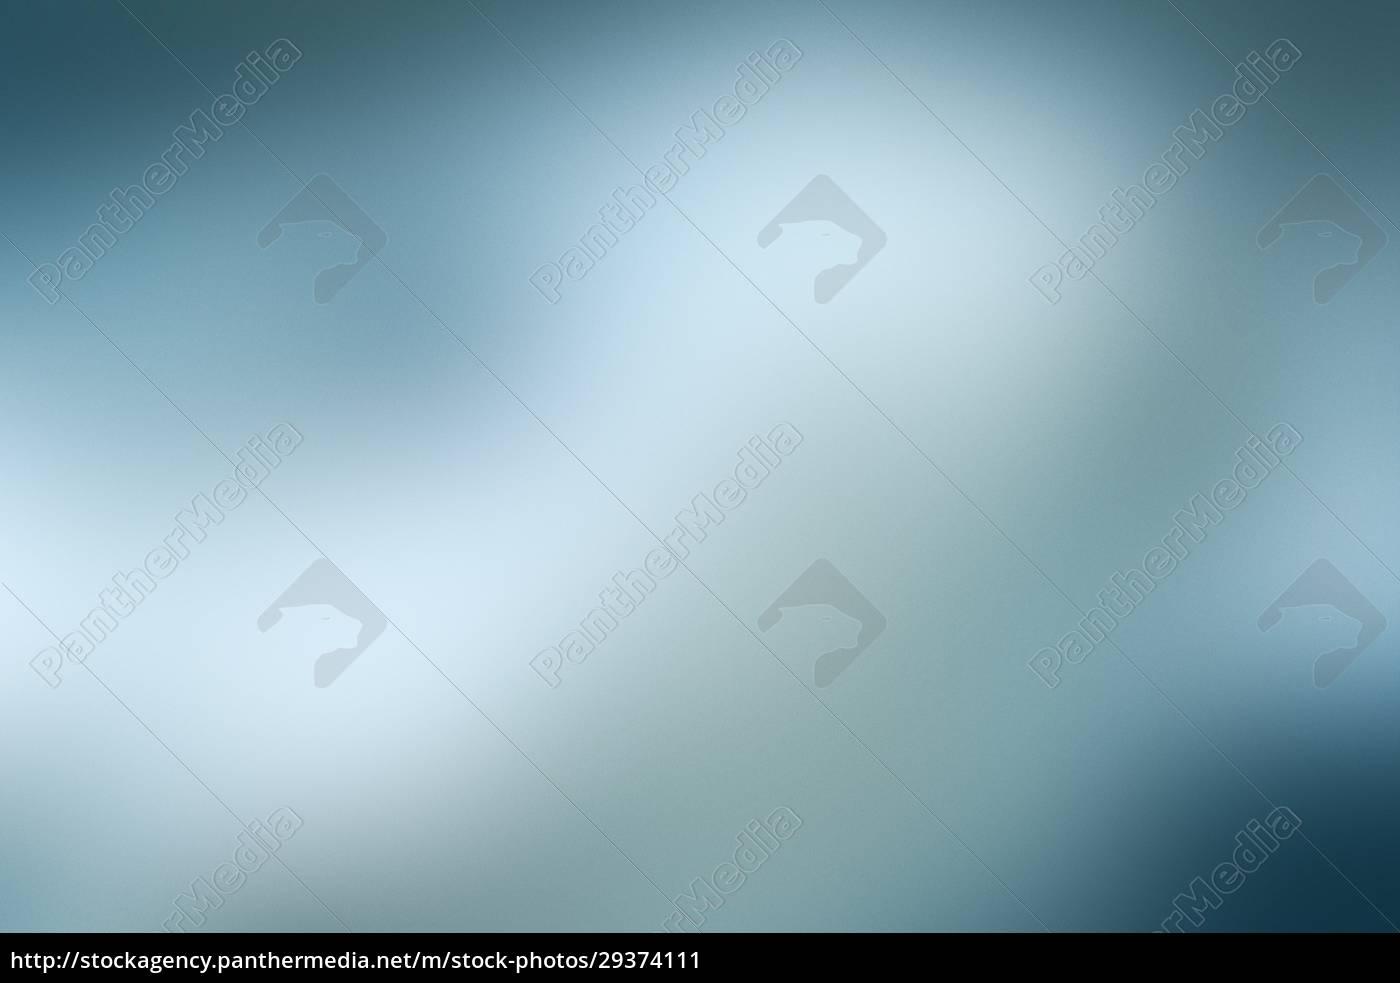 abstrakte, verschwommene, licht, hintergrund - 29374111